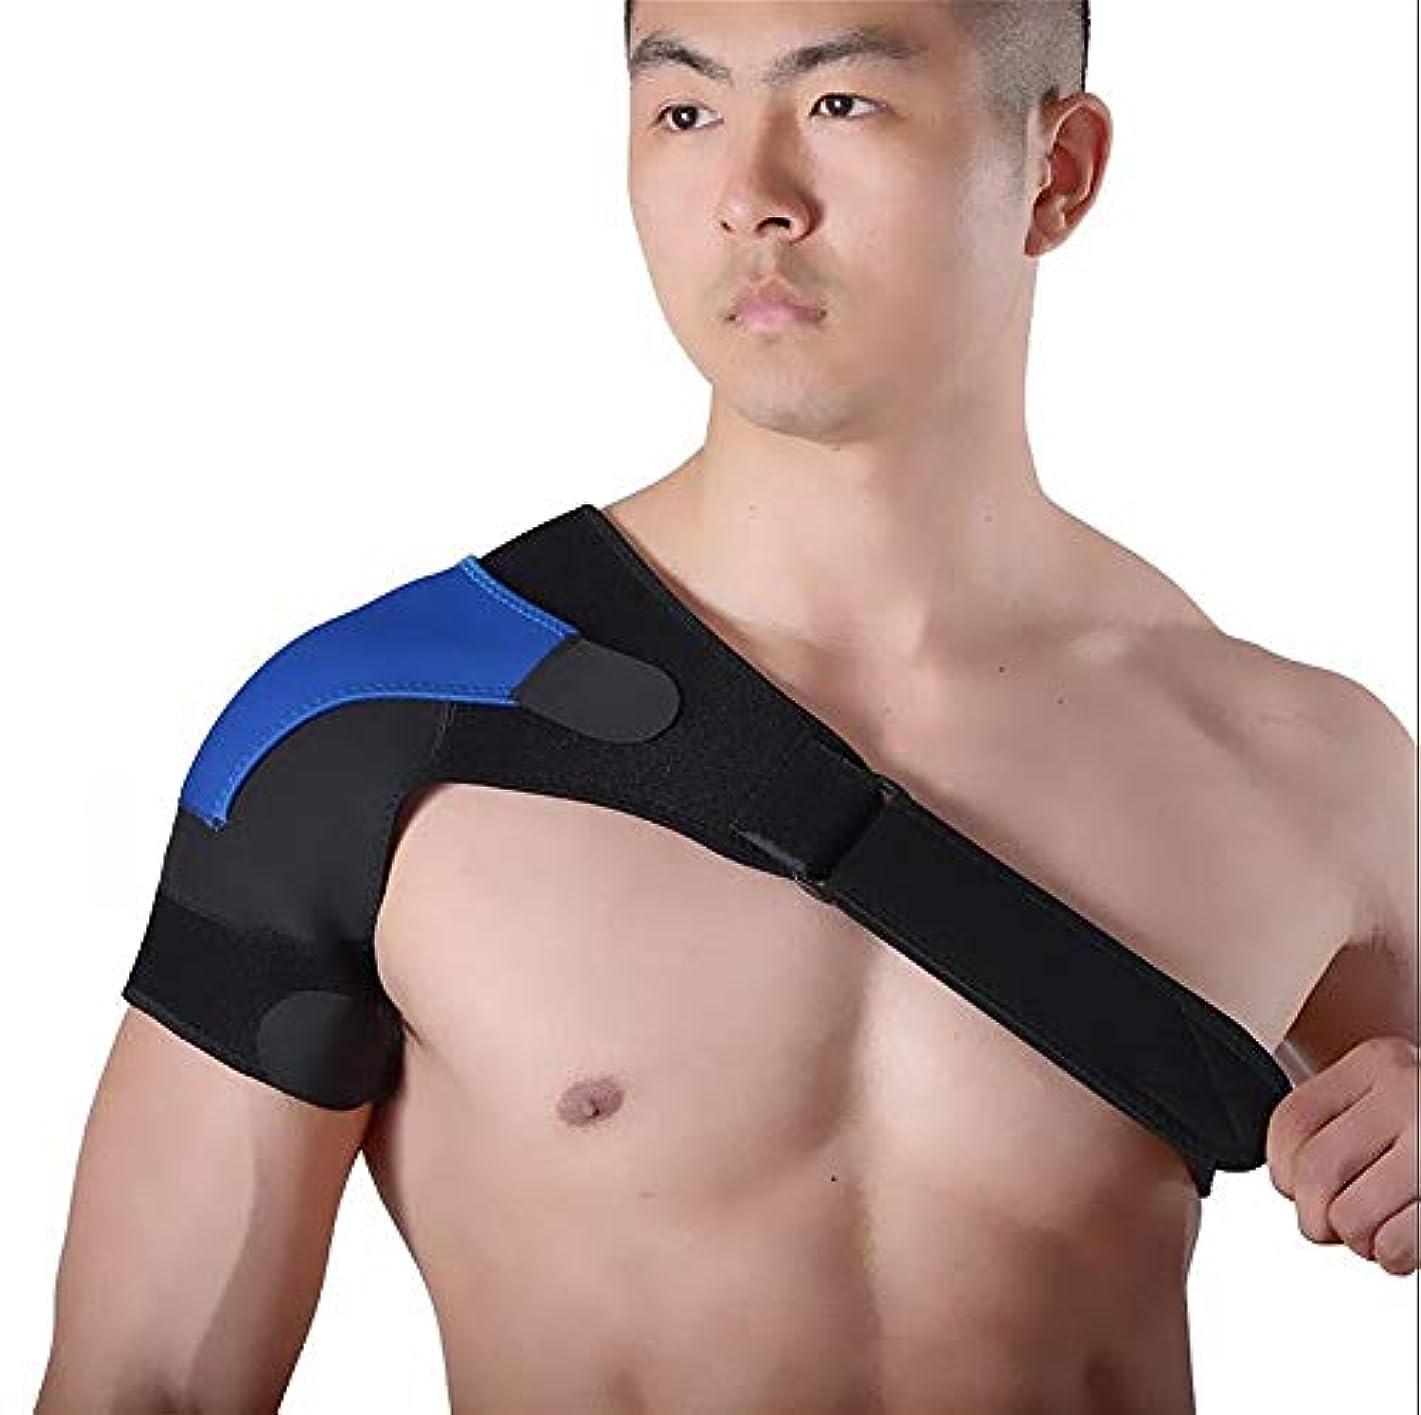 抽象マトン硬いZSZBACE 肩サポーター 右肩 左肩 フリーサイズ 肩固定 けが 肩痛 ショルダー 肩関節 四十肩 五十肩 脱臼 肩の痛み 簡単装着 男女兼用